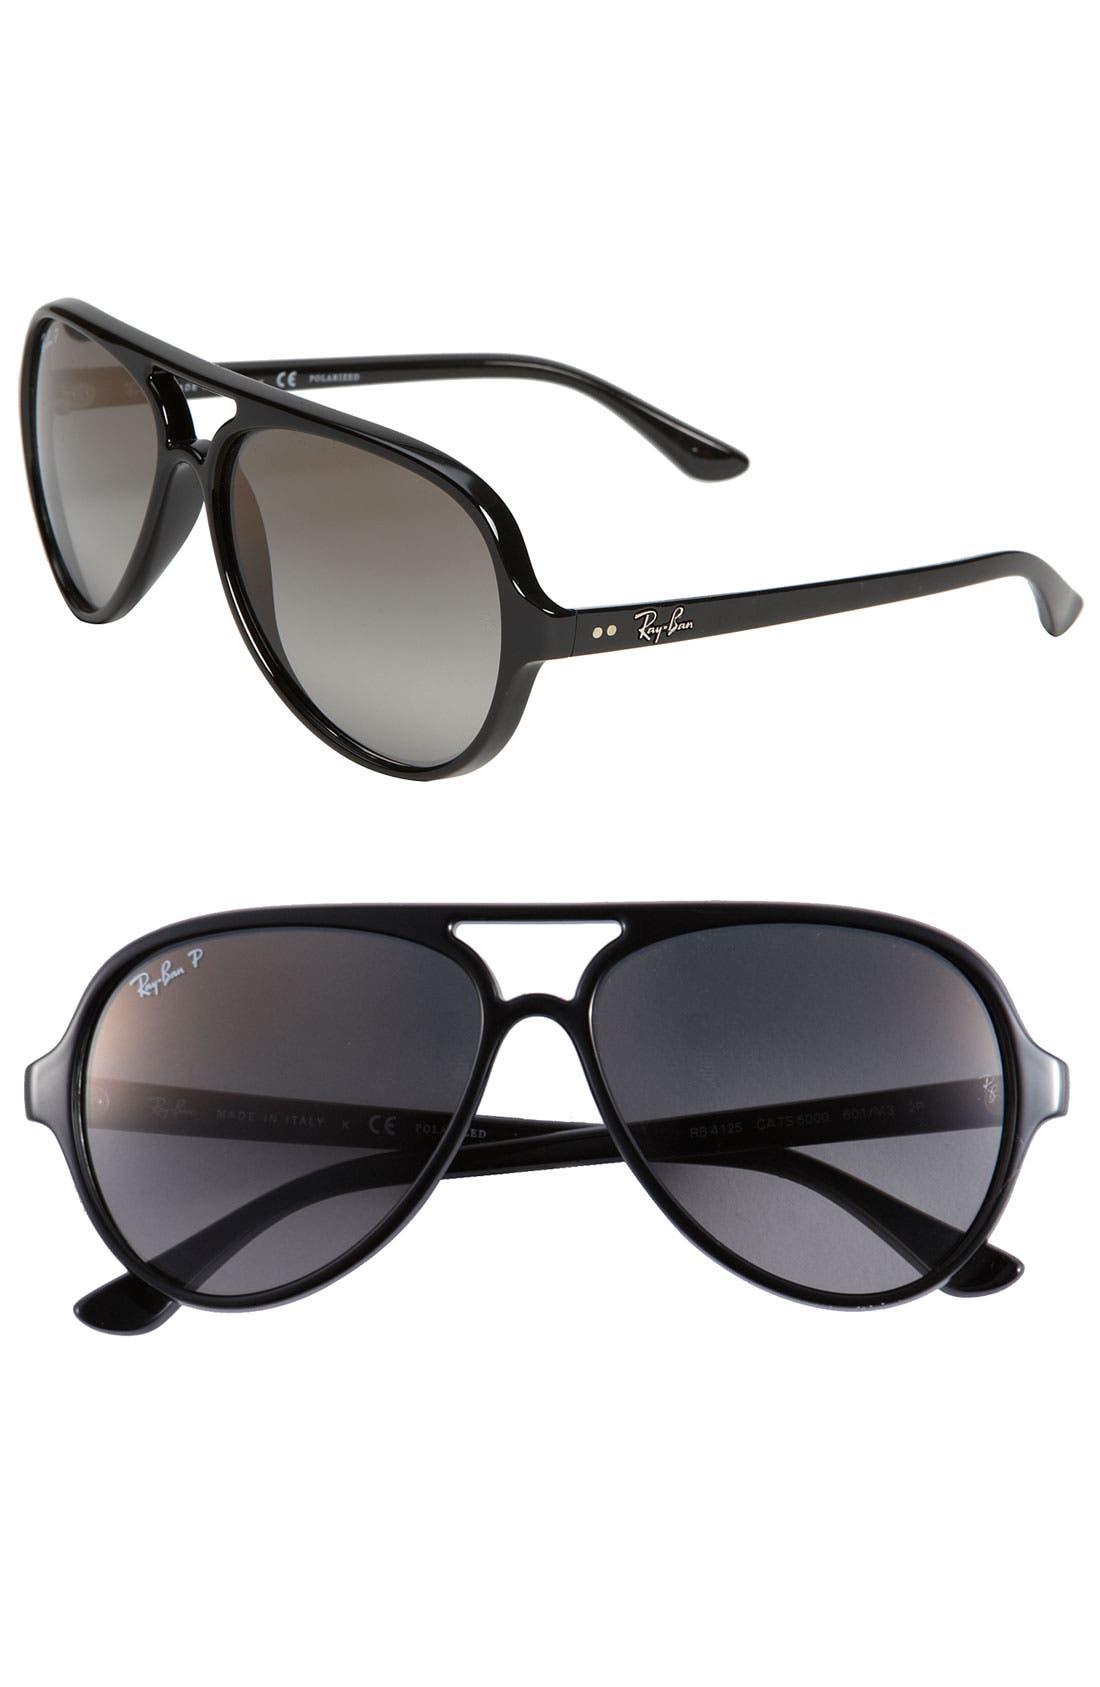 Main Image - Ray-Ban Polarized Aviator Sunglasses